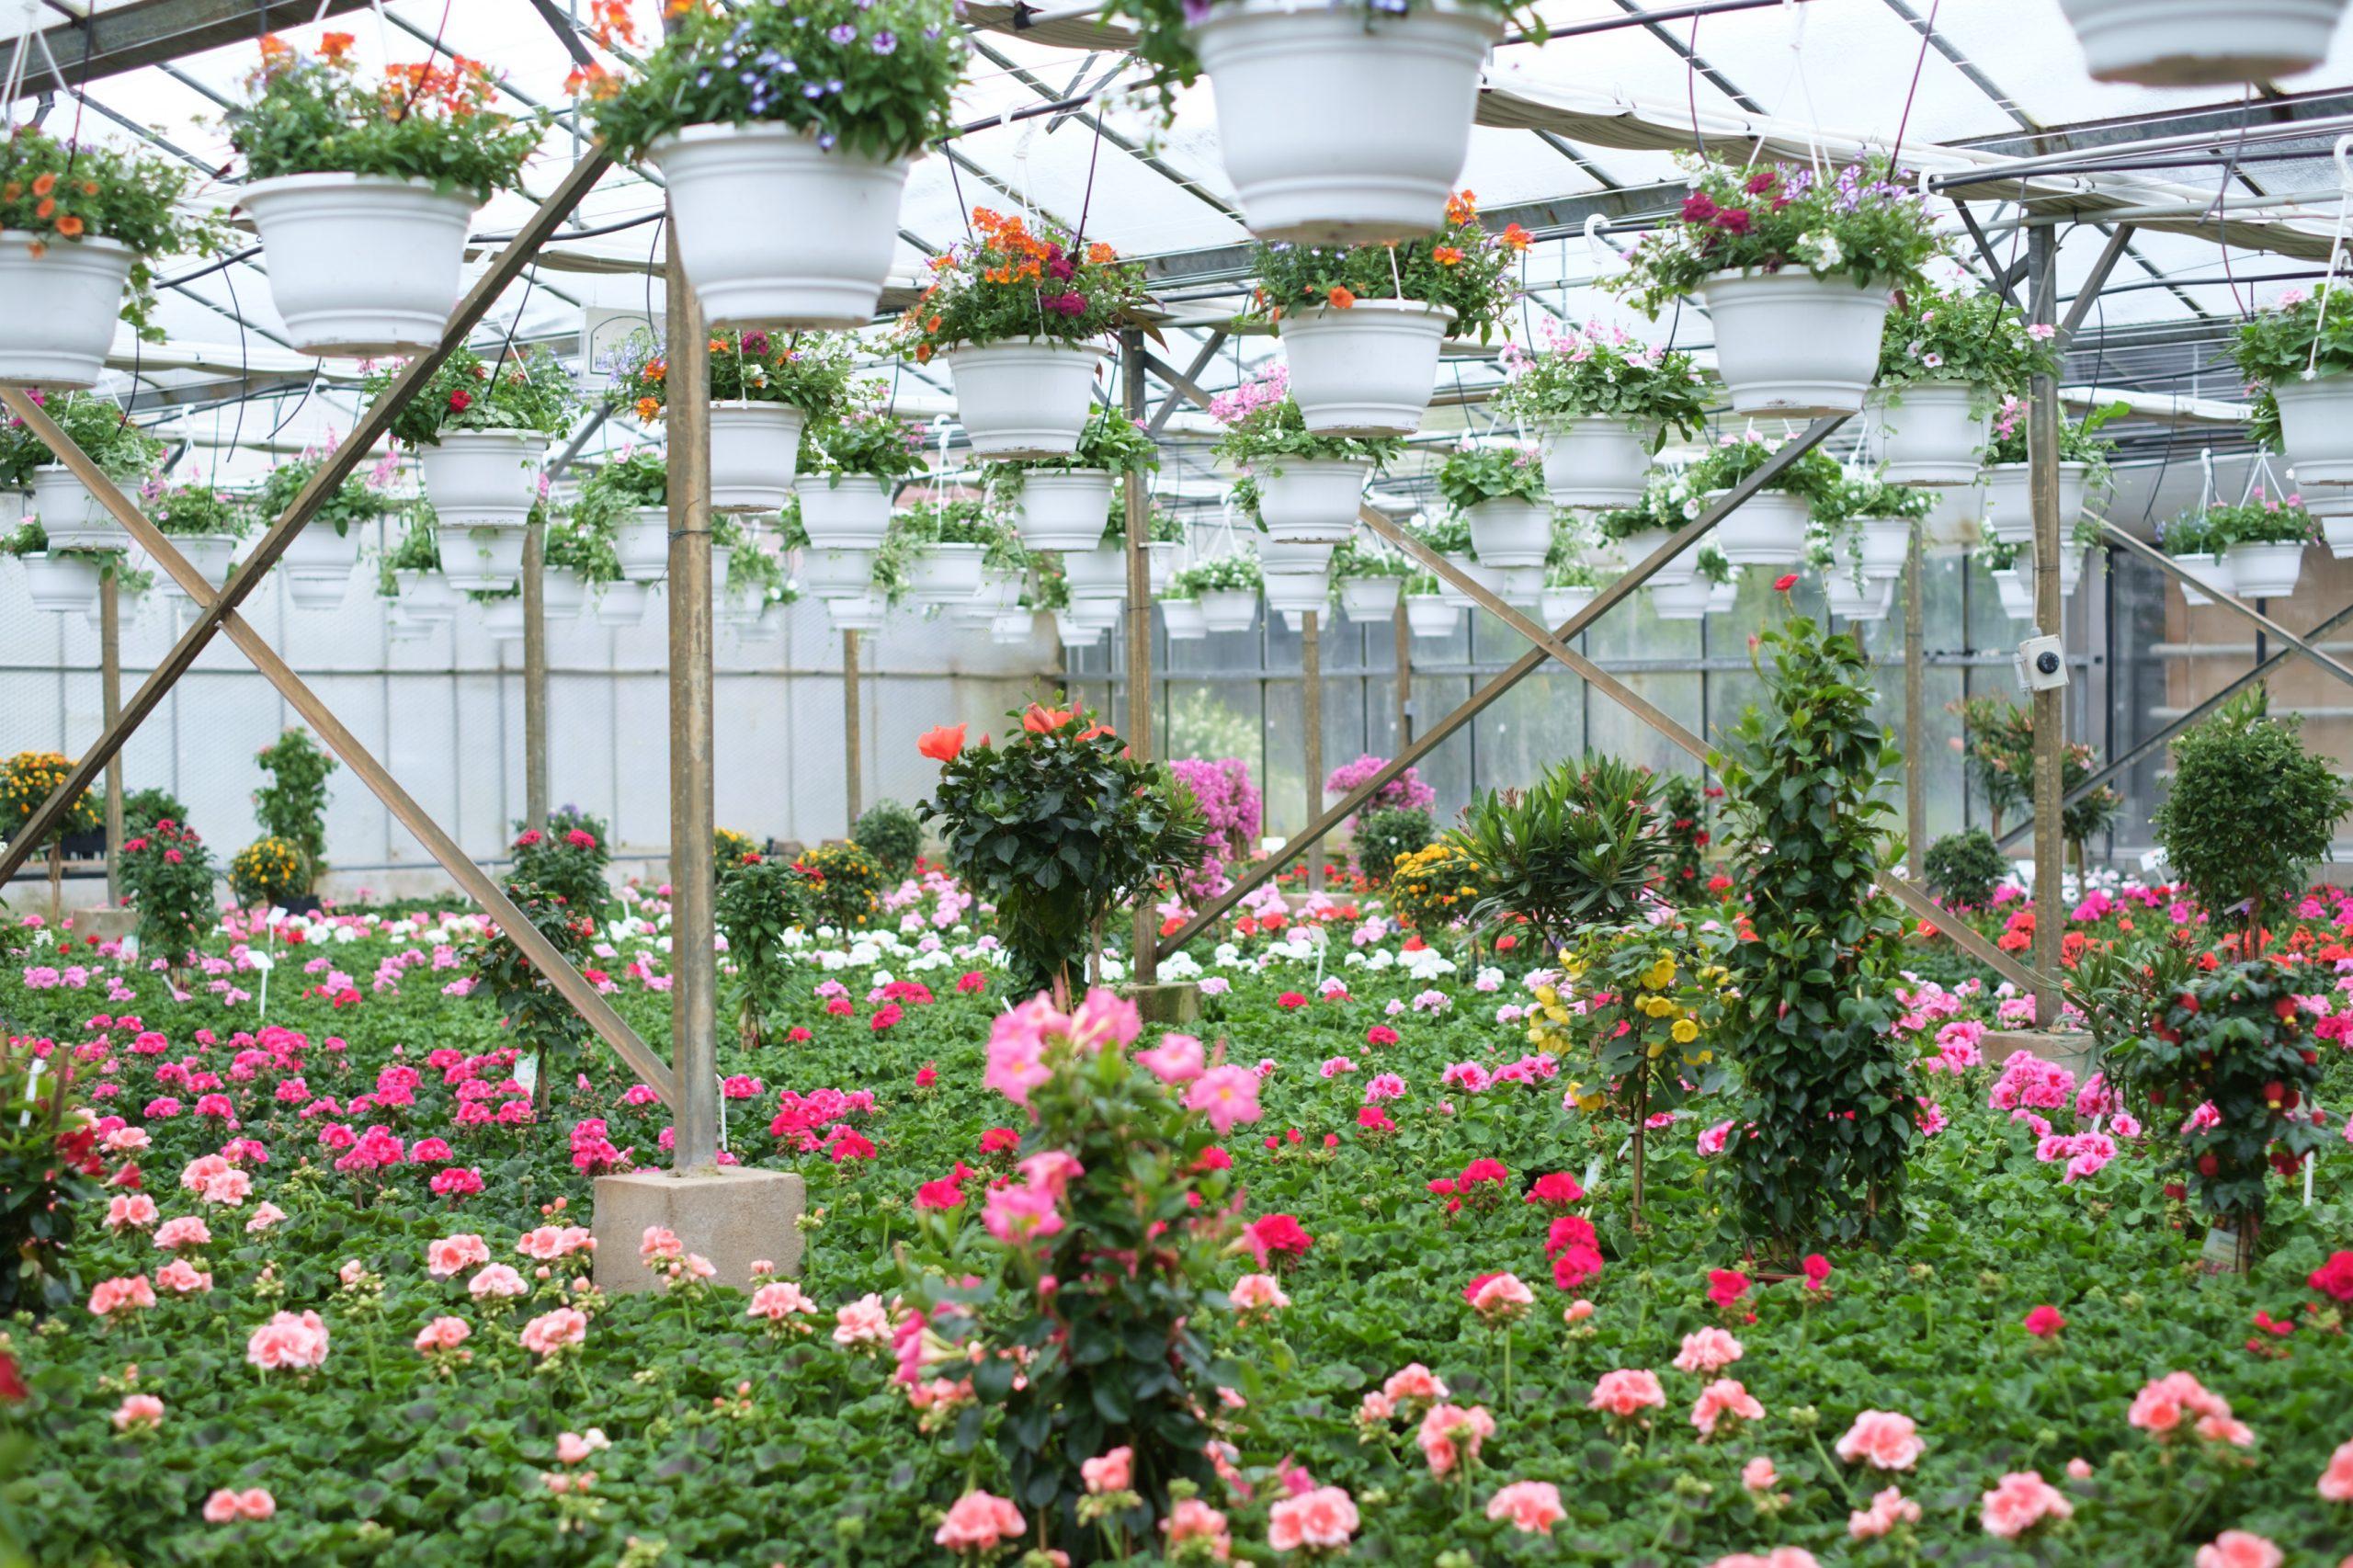 Gewächshaus, Blumen, Blütenmeer